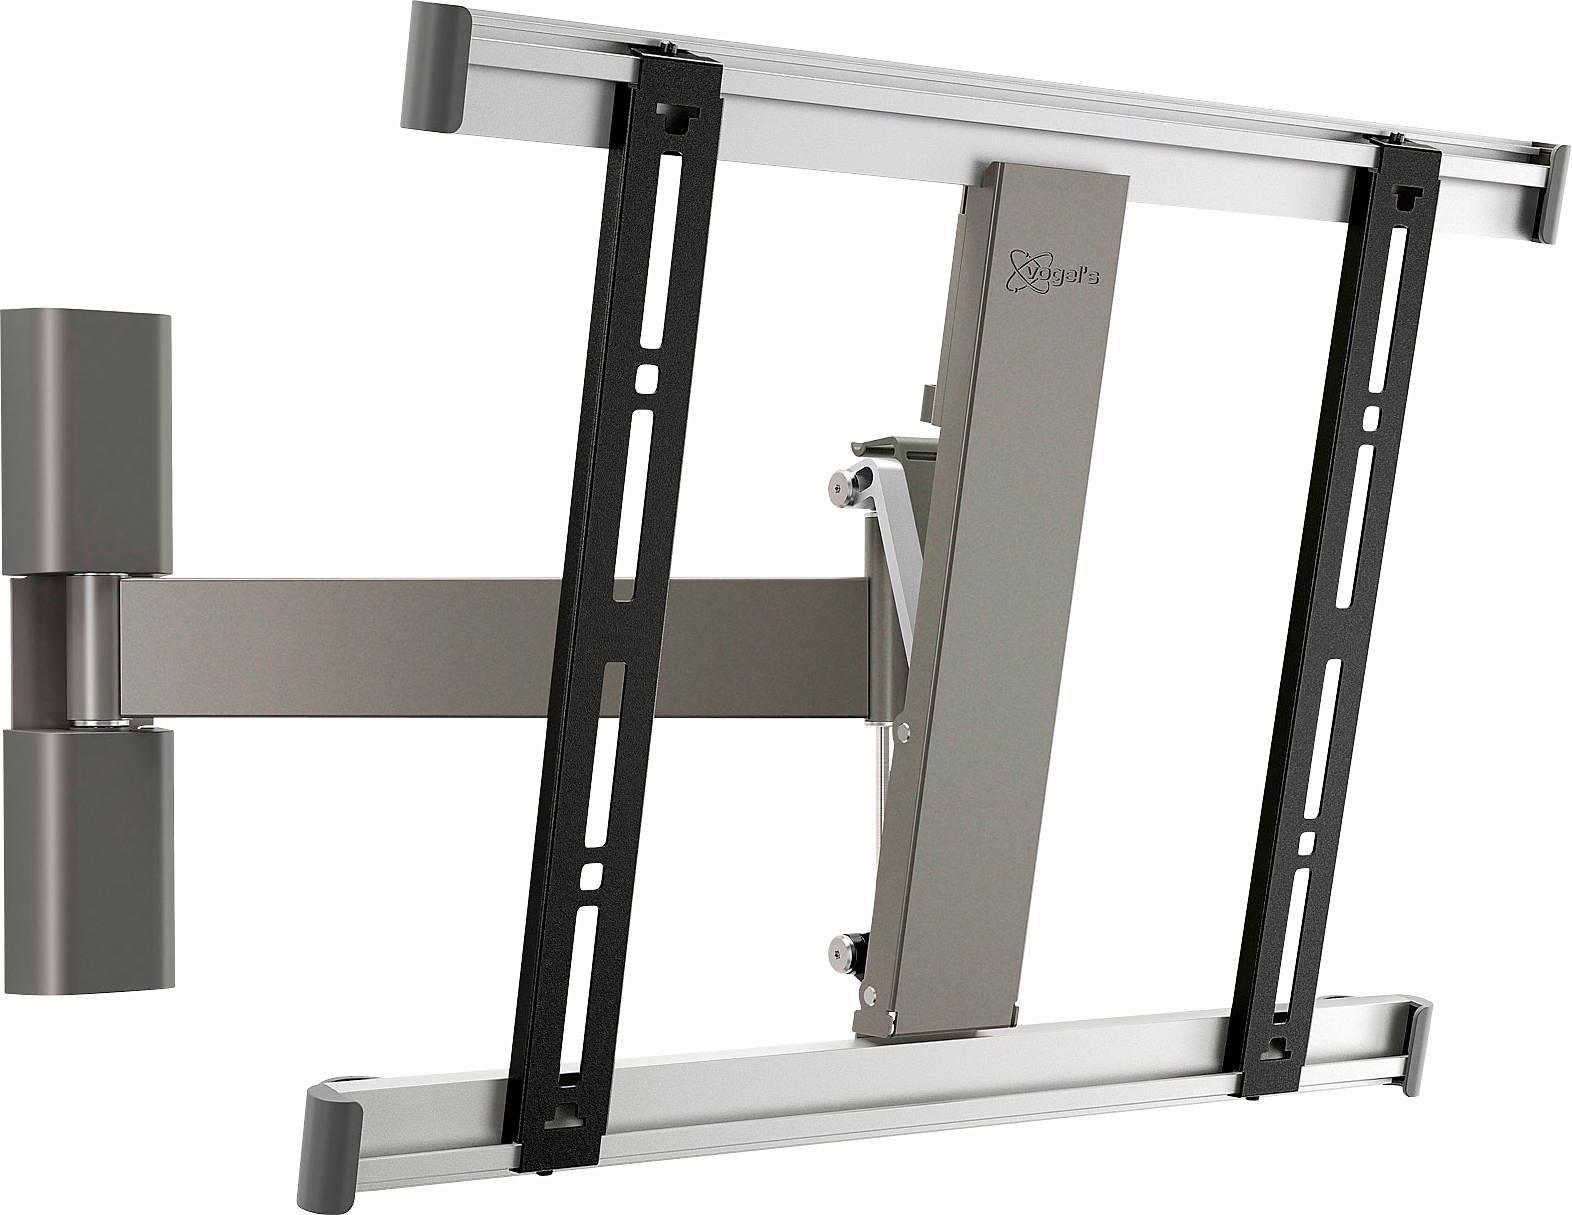 vogel's® TV-Wandhalterung »THIN 225« schwenkbar, für 66-140 cm (26-55 Zoll) Fernseher, VESA 400x400